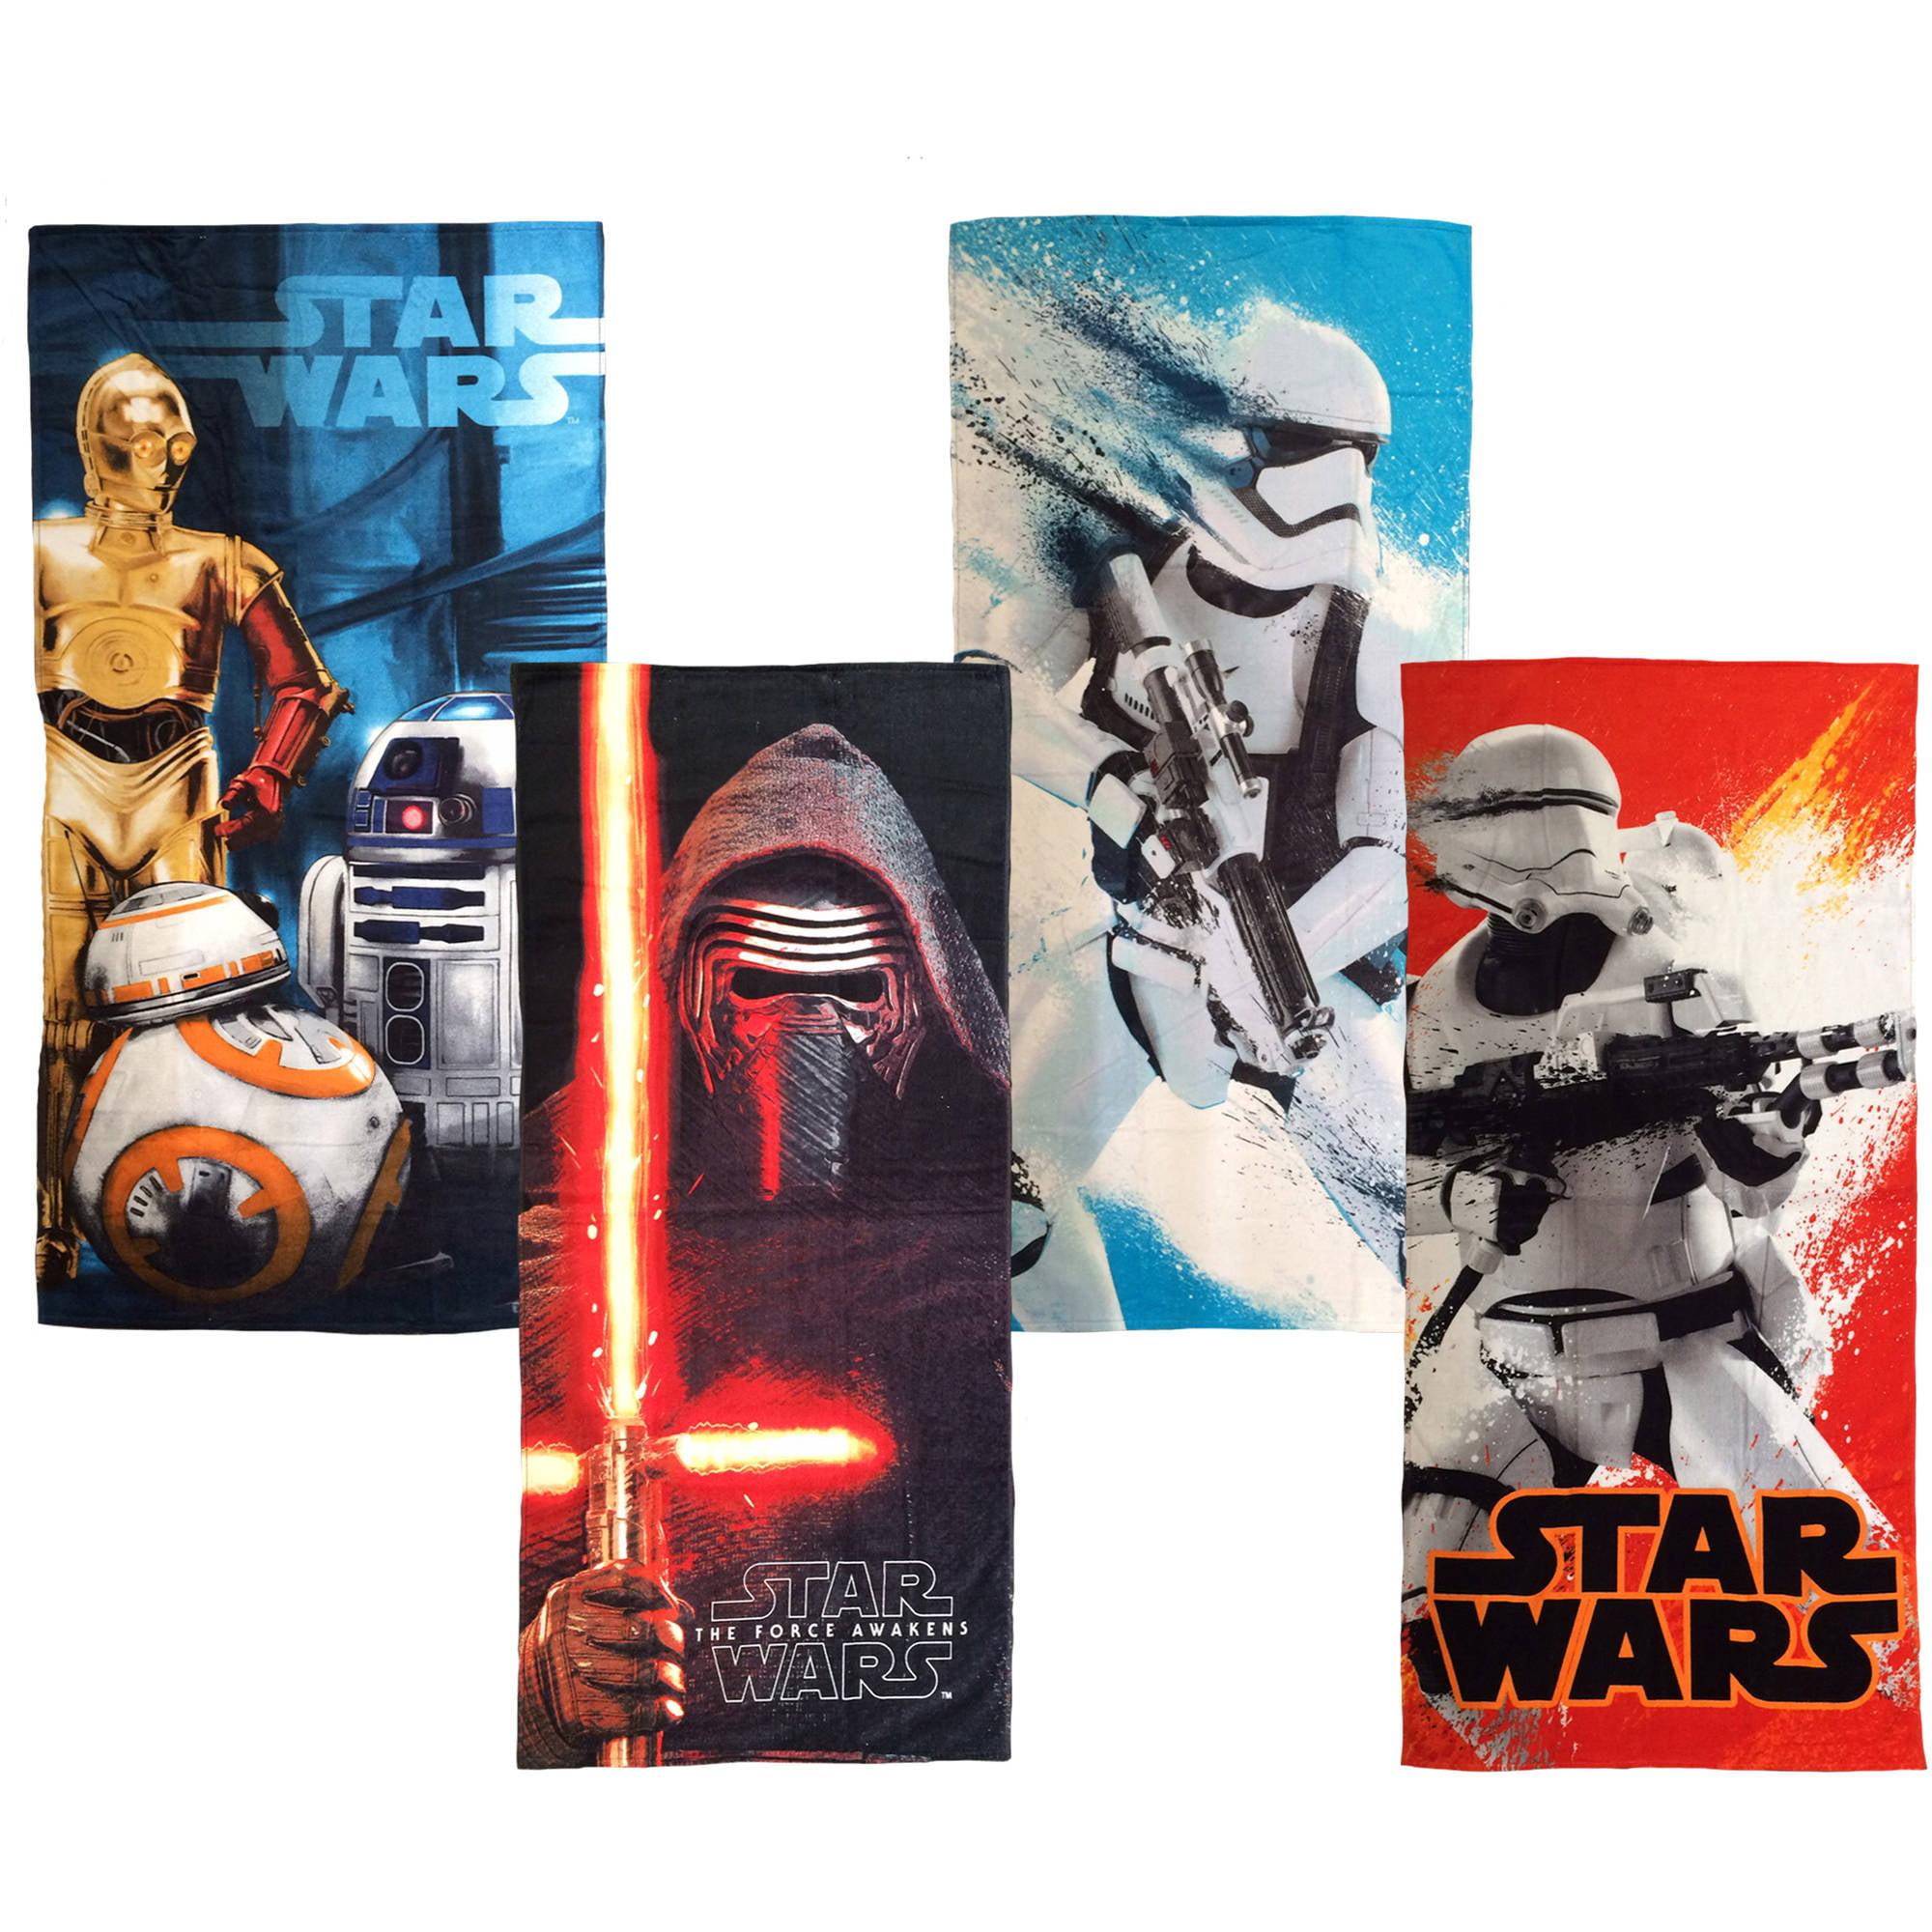 Star Wars Episode VII Beach Towel, 1 Each